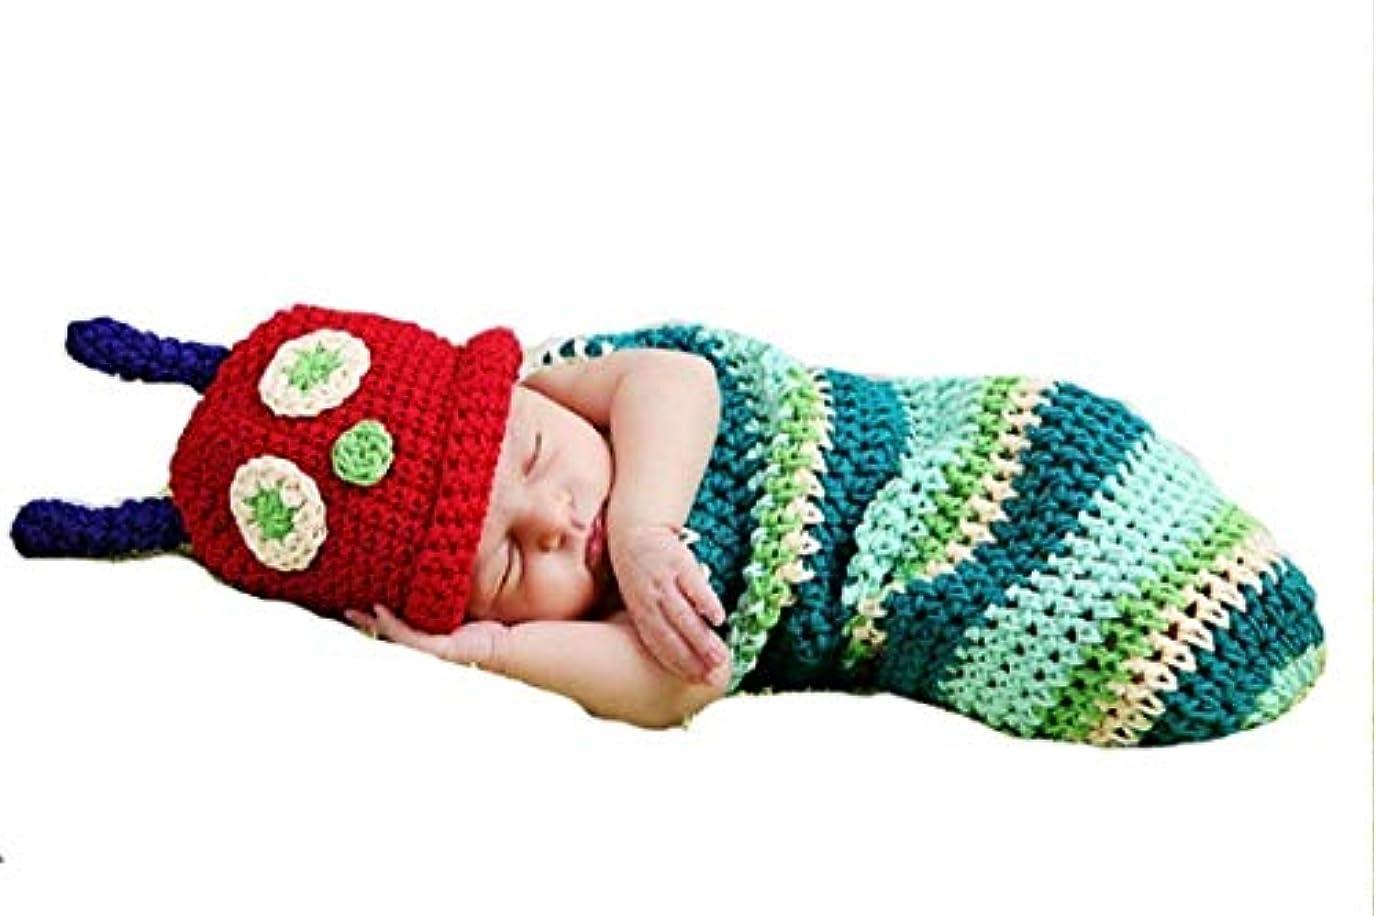 立証するシールドガードベビー用着ぐるみ コスチューム 寝相アート(100日 記念写真/写真撮影用) 出産祝い (あおむし)